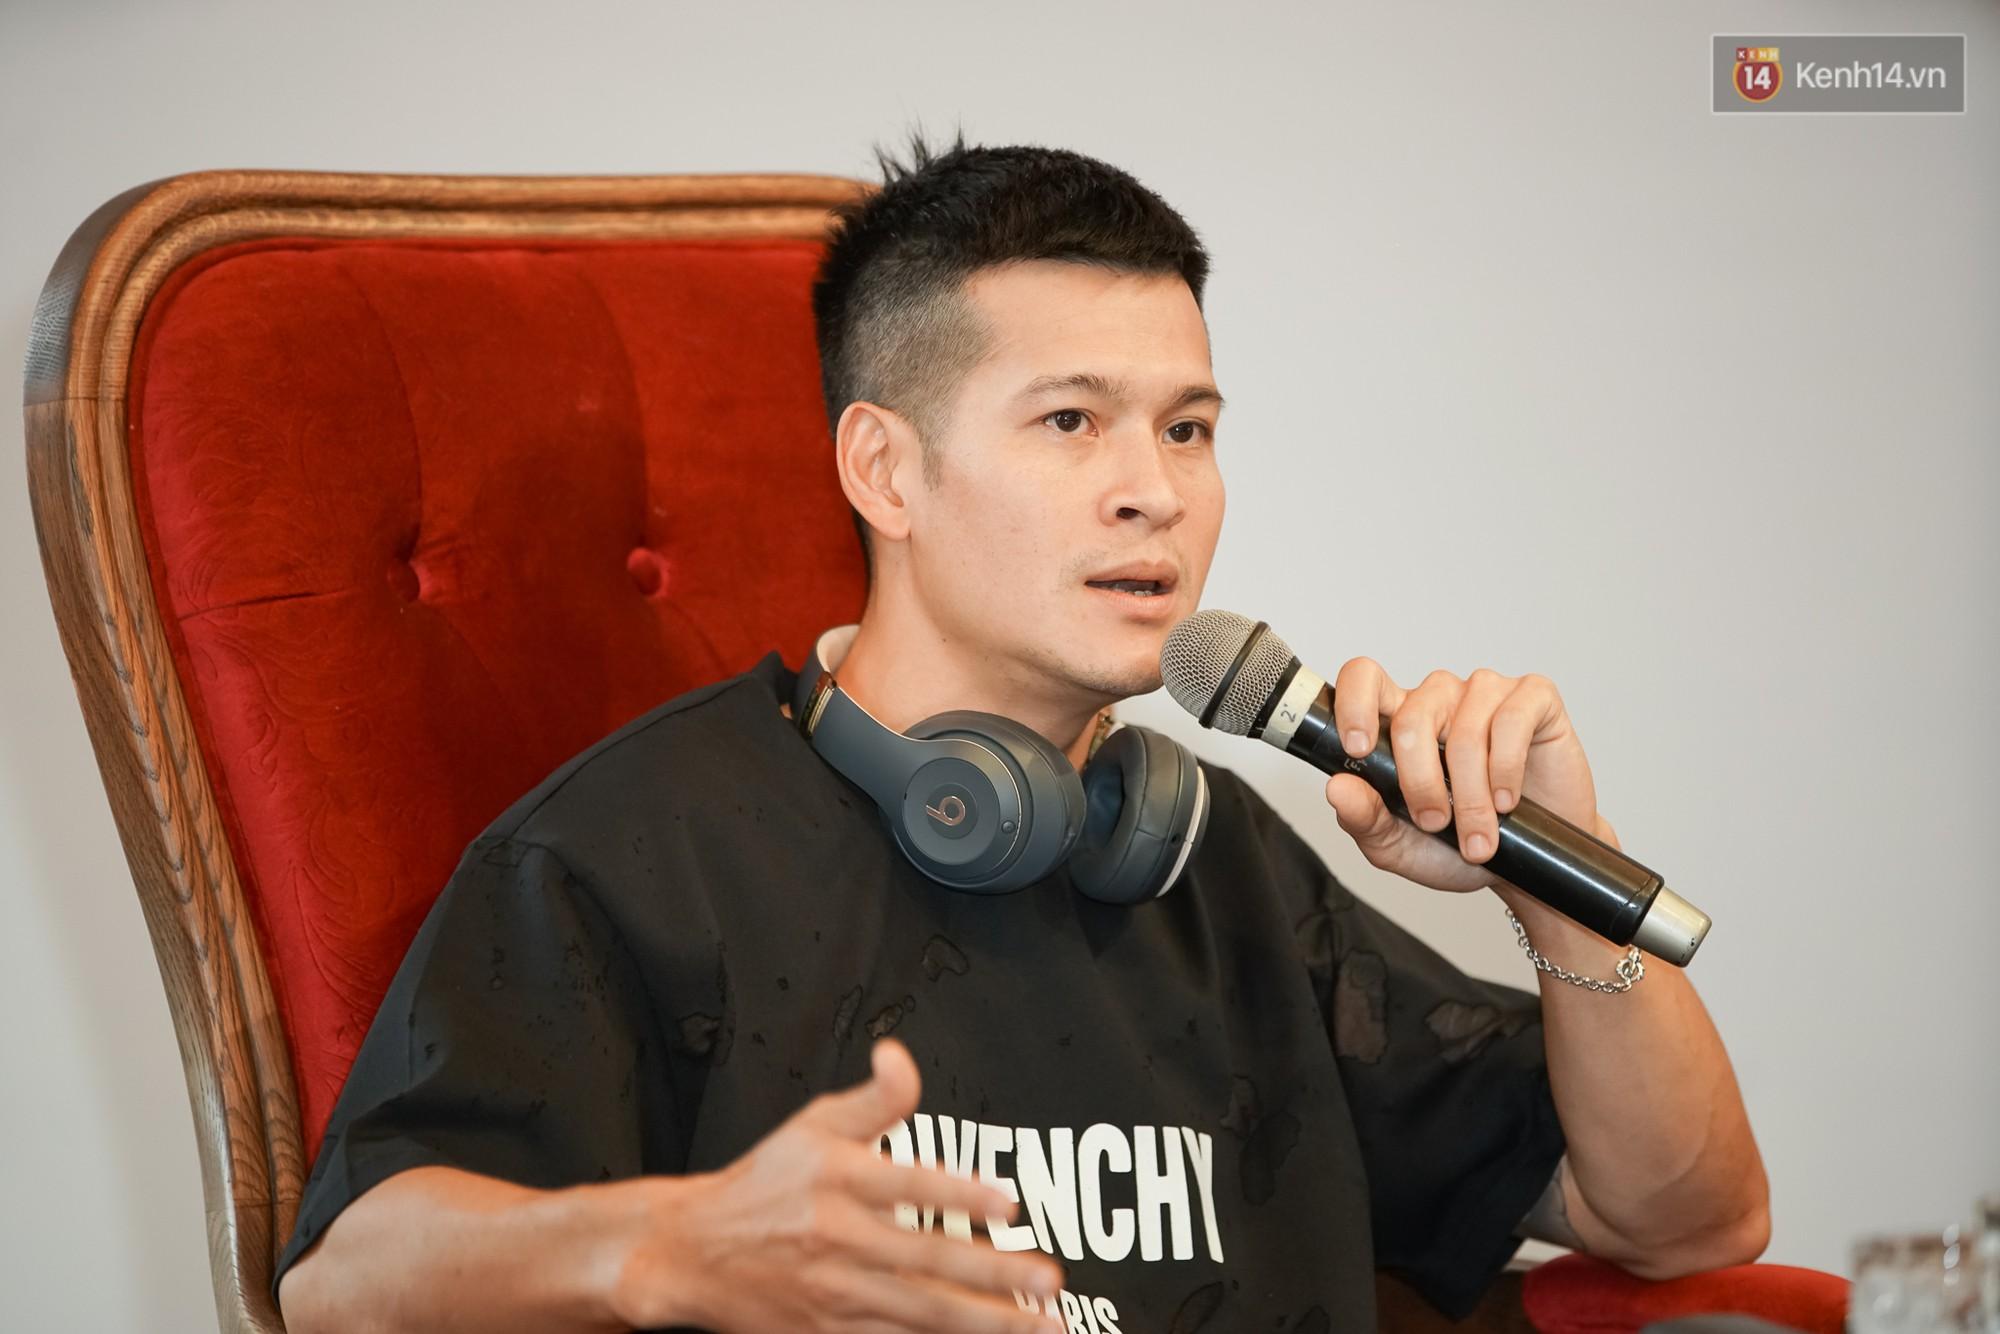 Ngôi sao Despacito và cựu thủ lĩnh nhóm The Pussycat Dolls sẽ biểu diễn tại lễ hội âm nhạc ở Đà Nẵng cùng dàn sao Việt - Ảnh 2.